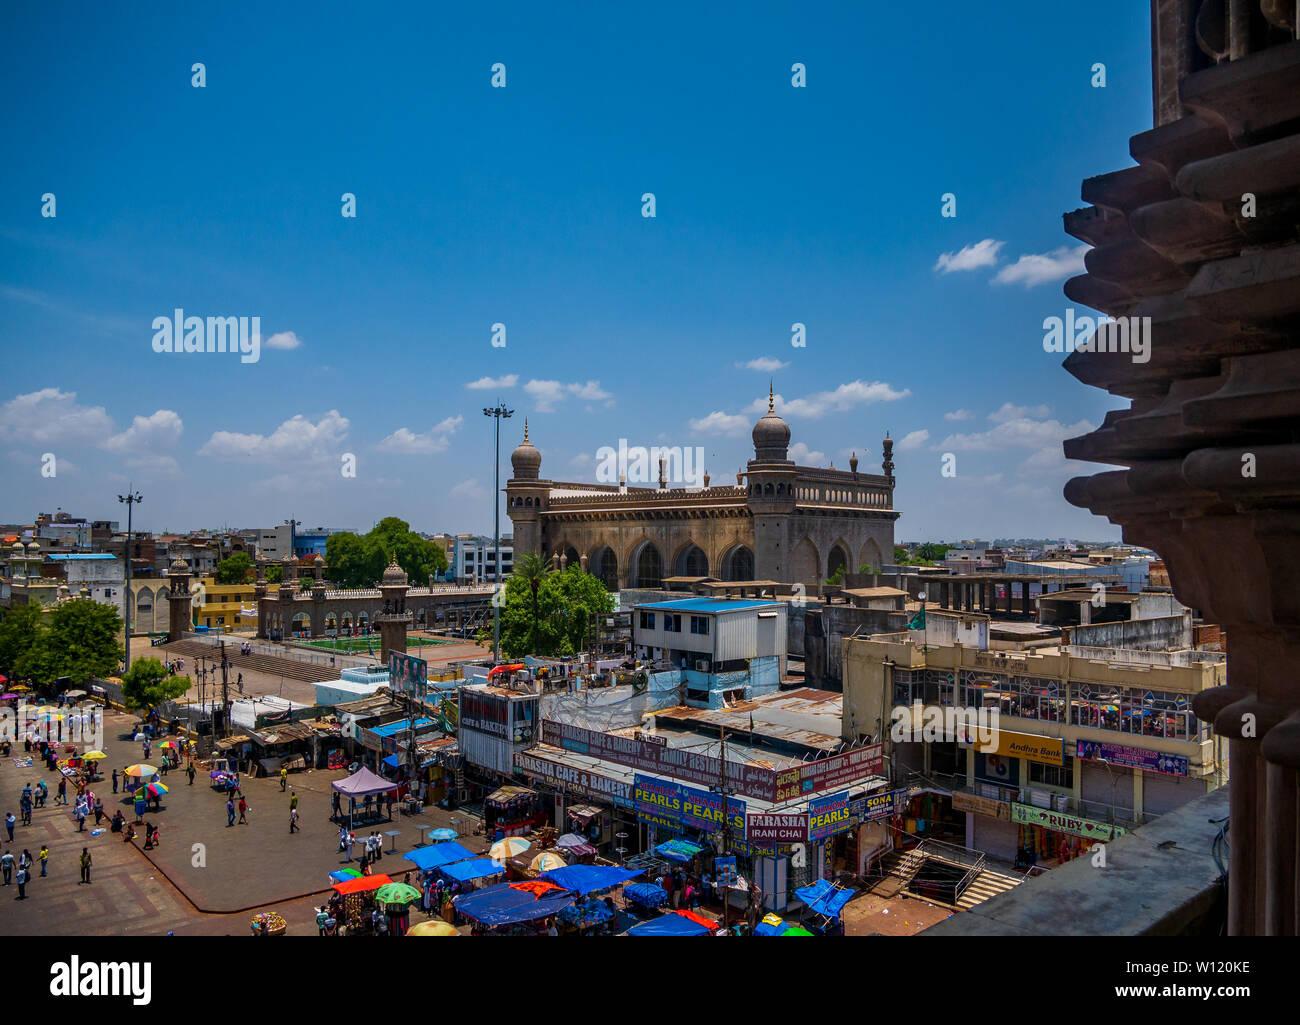 Makkah Stock Photos & Makkah Stock Images - Alamy